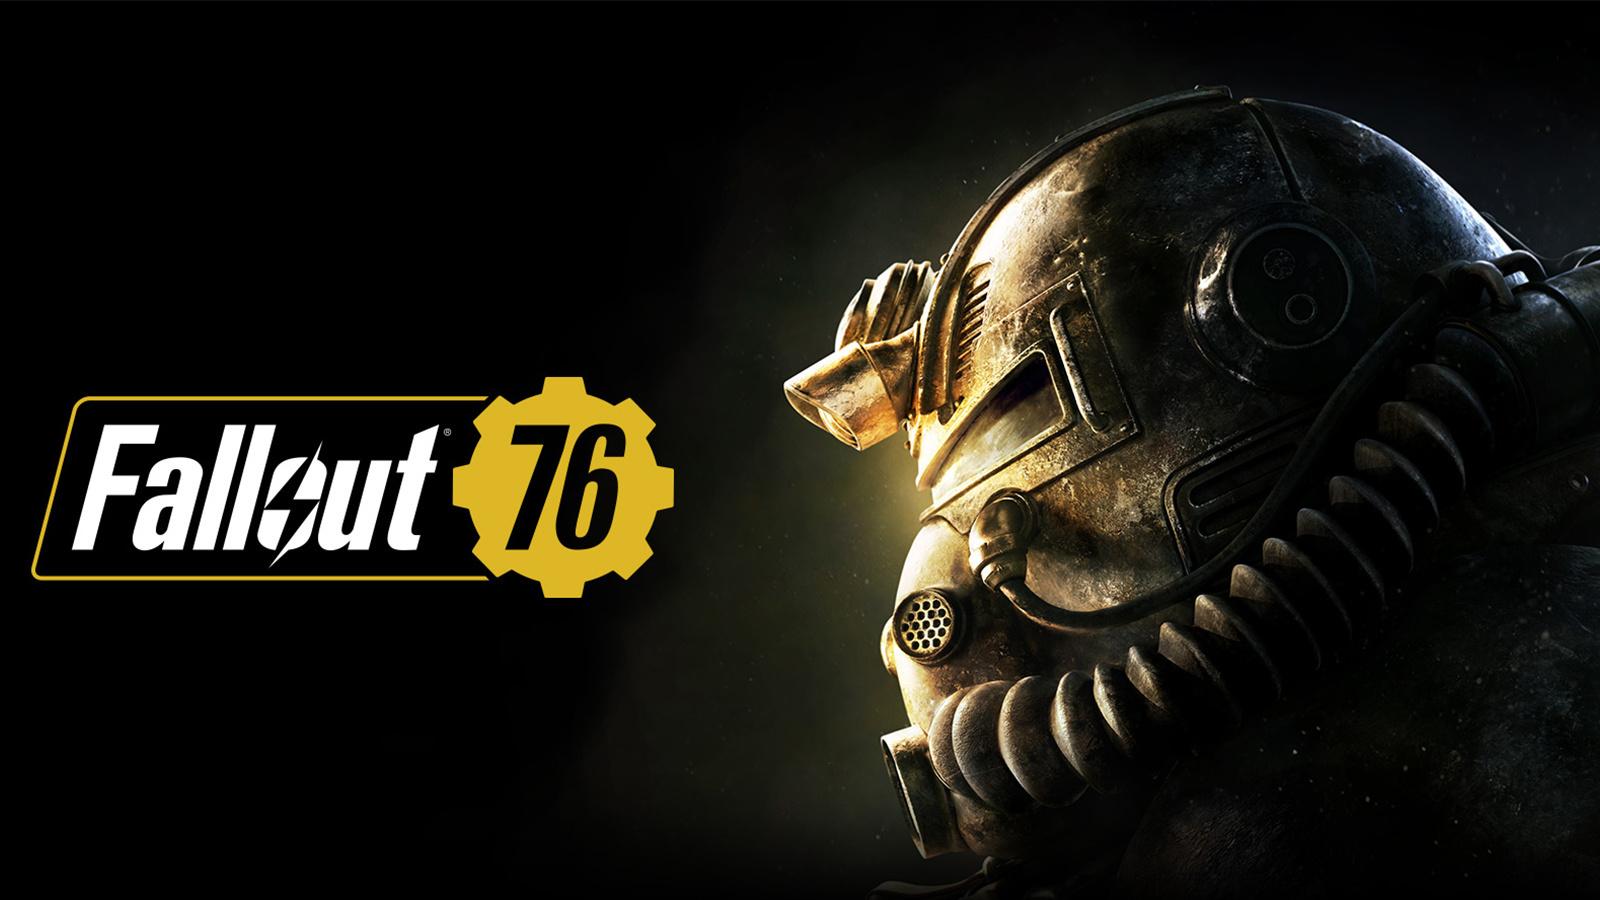 預定吧,《輻射76》將率先在 Xbox One 上開啟 Beta 測試